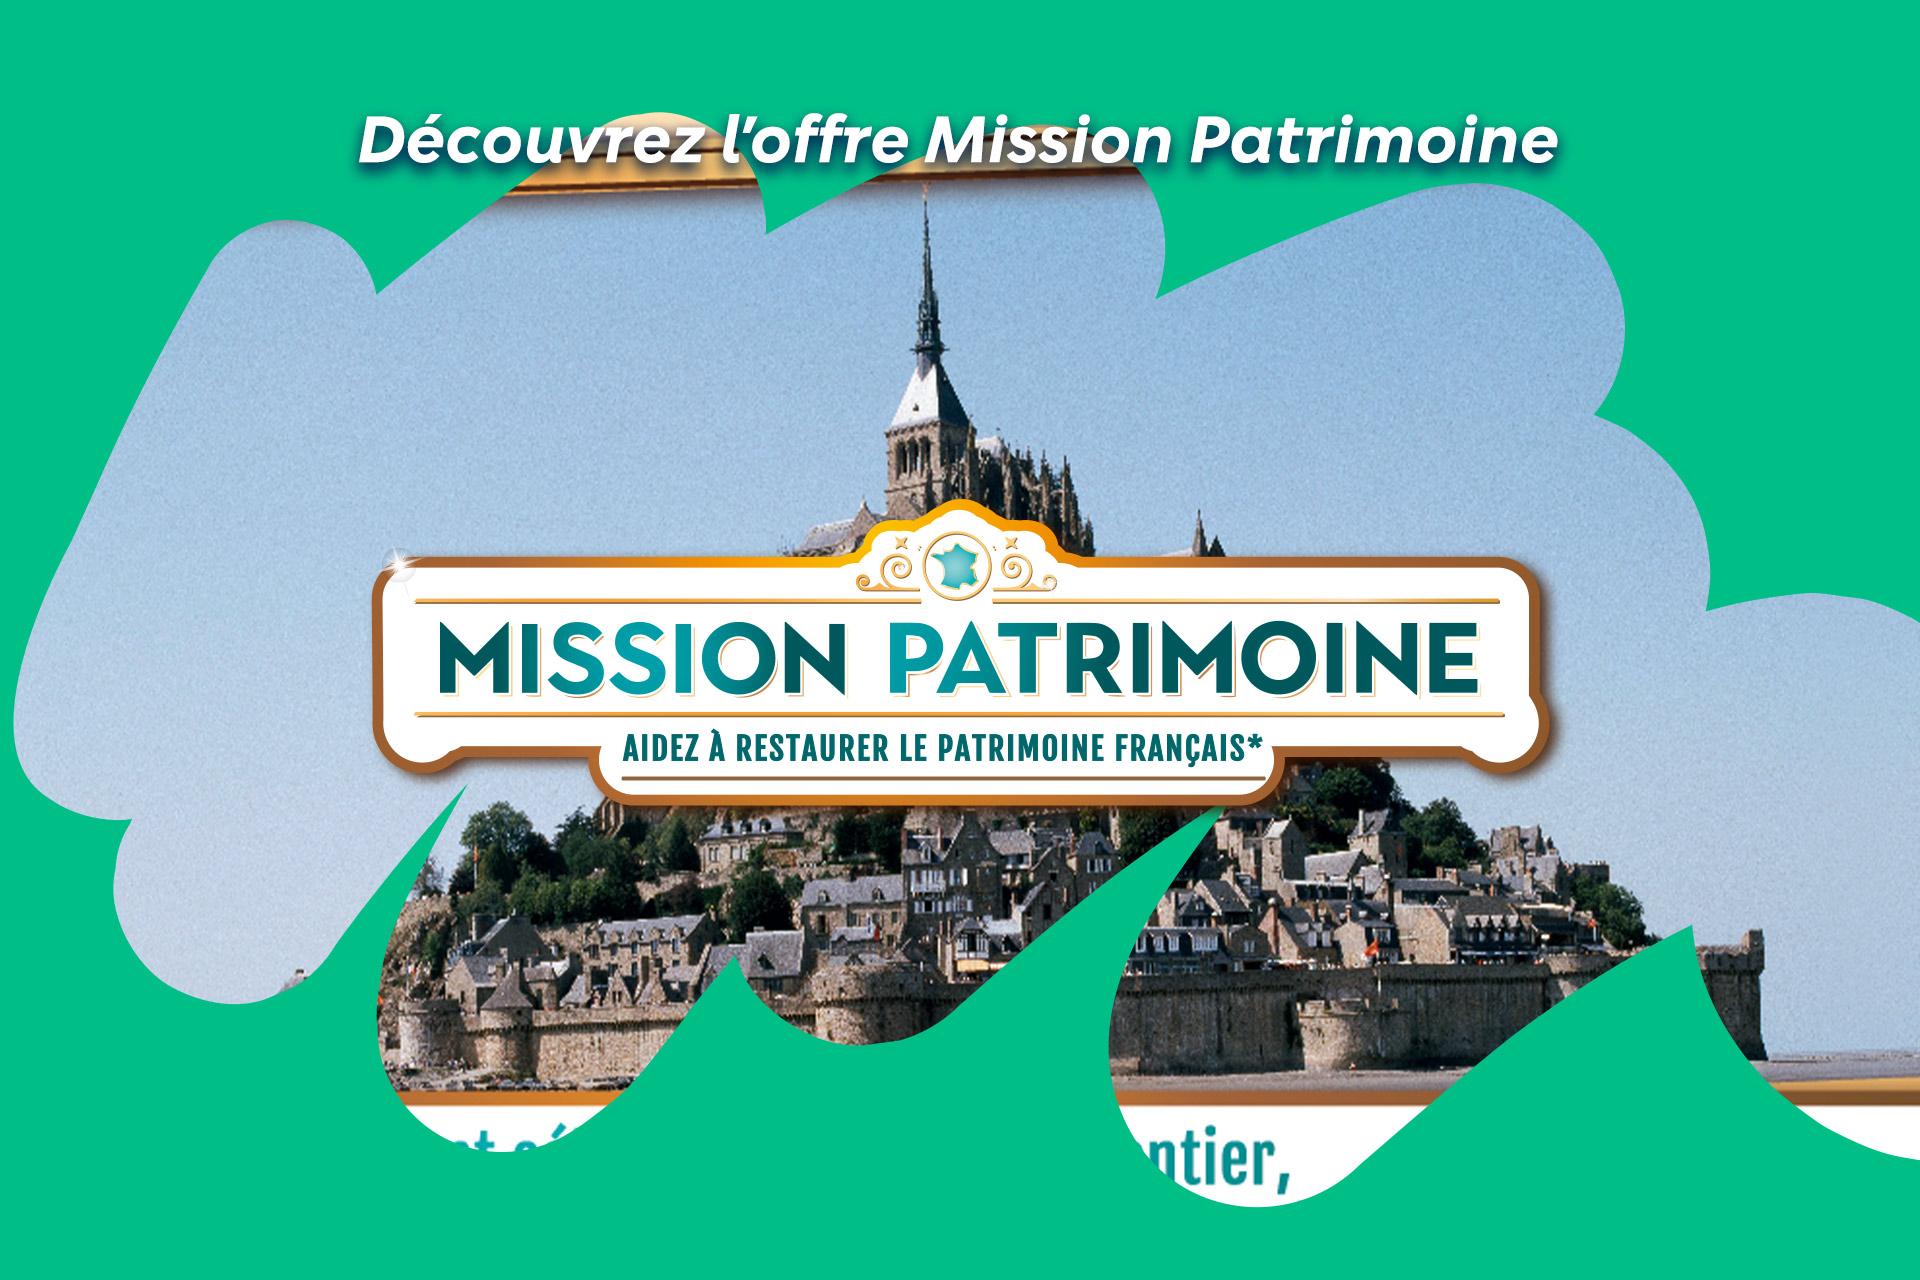 Découvrez la Mission Patrimoine sur FDJ.fr